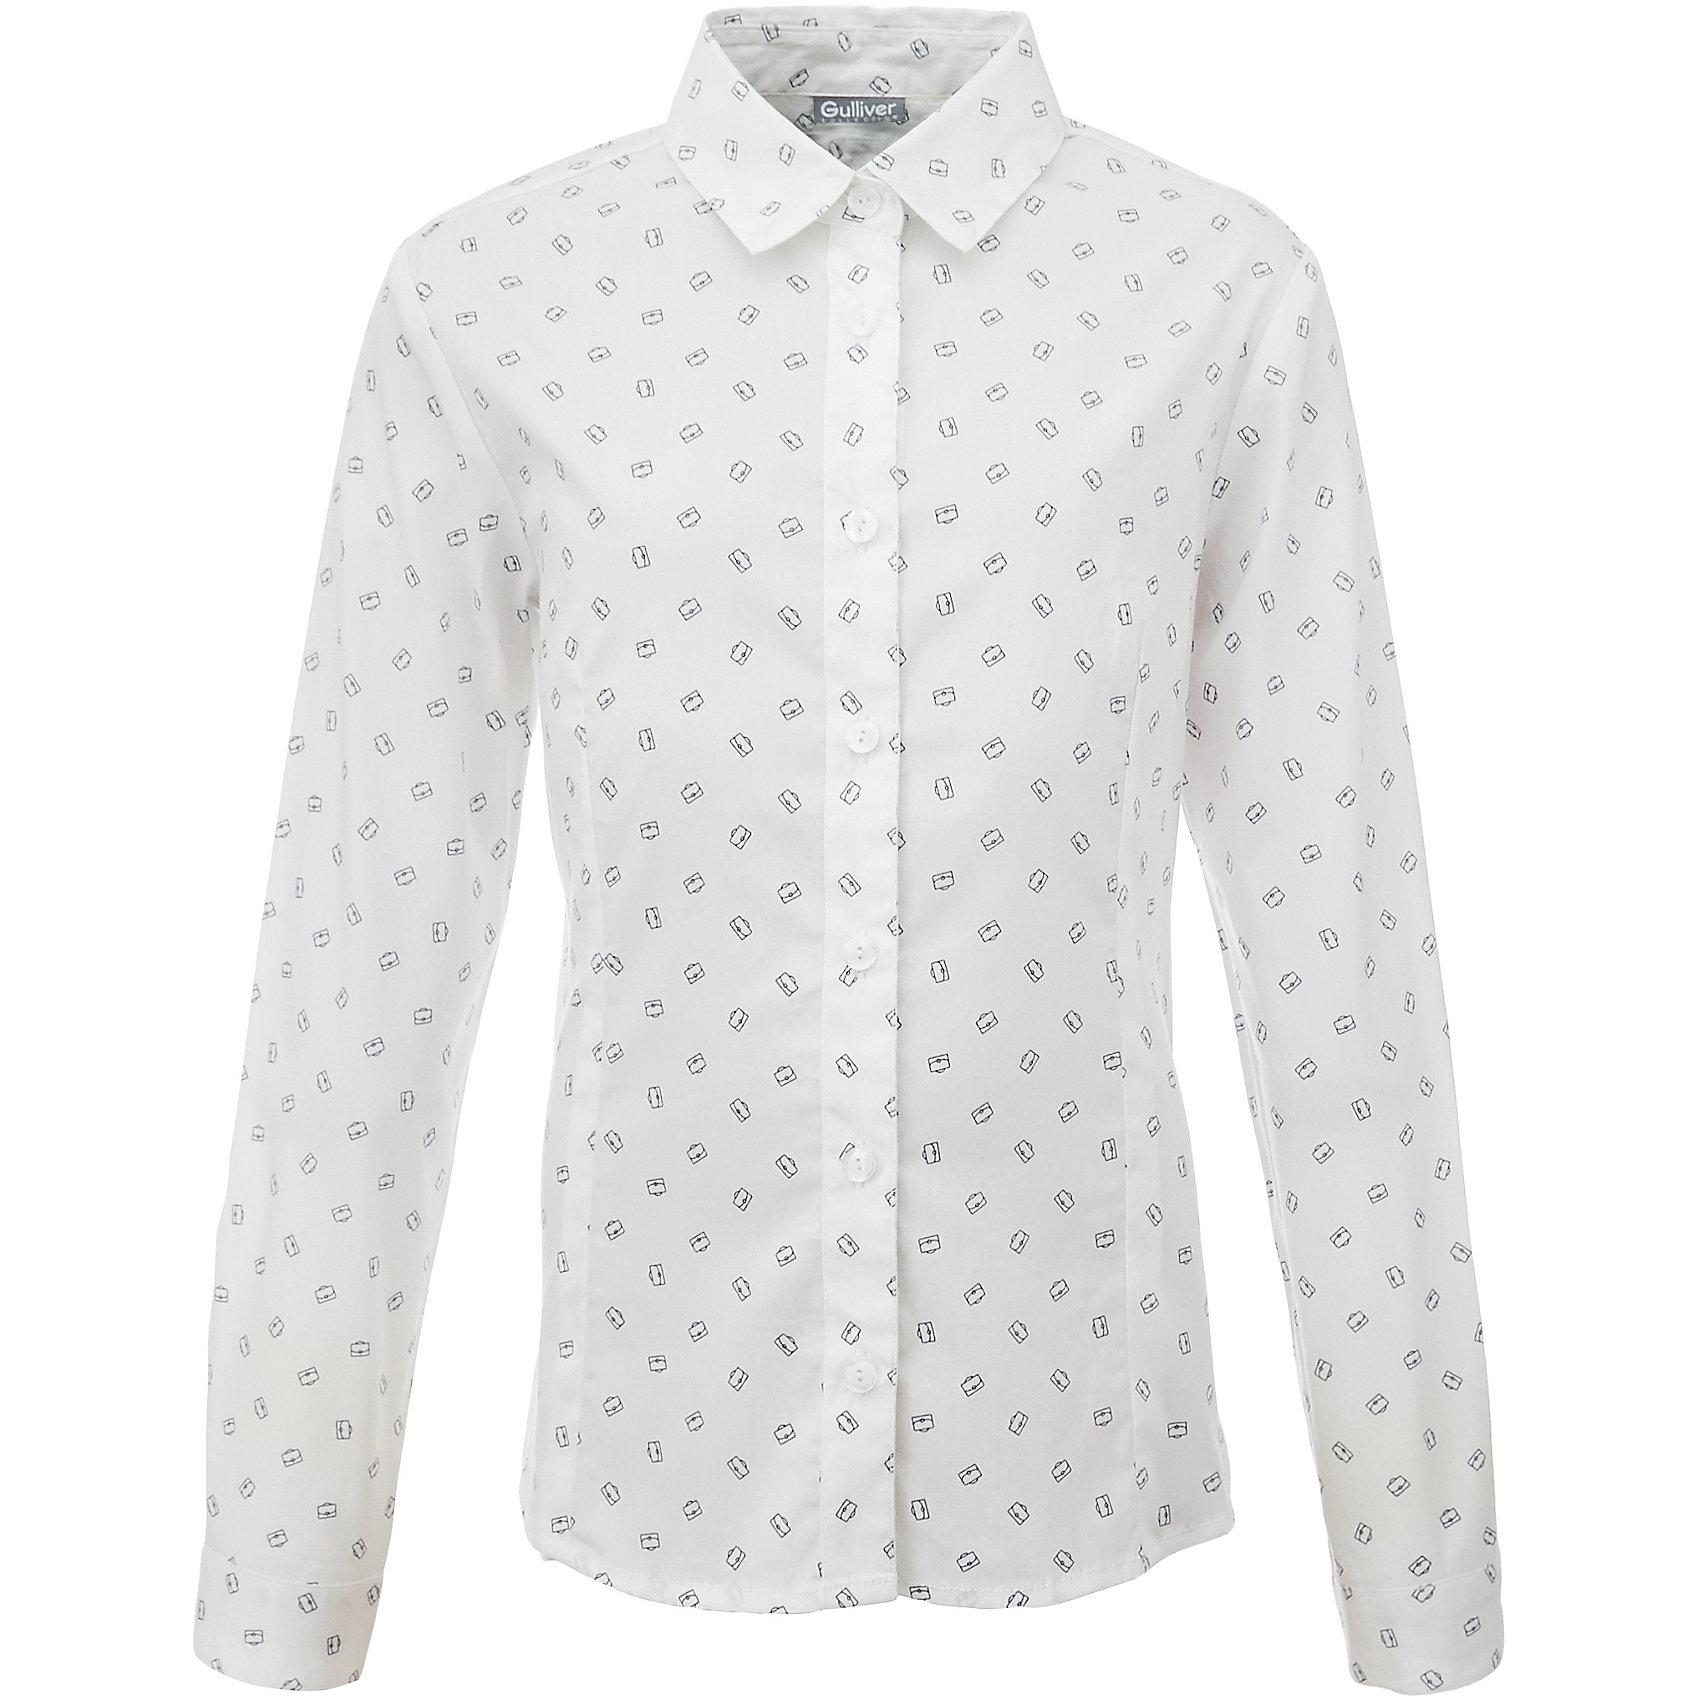 Блузка для девочки GulliverБлузки и рубашки<br>Если вы хотите купить школьную блузку для девочки, не ограничивайте свой выбор исключительно белыми блузками. Красивые блузки для школы могут быть разными! Модные школьные блузки 2017 - это блузки в мелкий рисунок! Блузка в бантики,  сумочки, горошек - отличный вариант на каждый день! Деликатный мелкий рисунок не нарушает школьного дресс кода, но создает позитивное настроение. Белая блузка с рисунком разнообразит школьные будни ученицы и сделает ее образ свежим и выразительным.<br>Состав:<br>75% хлопок 23% полиэстер 2% эластан<br><br>Ширина мм: 186<br>Глубина мм: 87<br>Высота мм: 198<br>Вес г: 197<br>Цвет: белый<br>Возраст от месяцев: 168<br>Возраст до месяцев: 180<br>Пол: Женский<br>Возраст: Детский<br>Размер: 170,122,128,134,140,146,152,158,164<br>SKU: 6678788